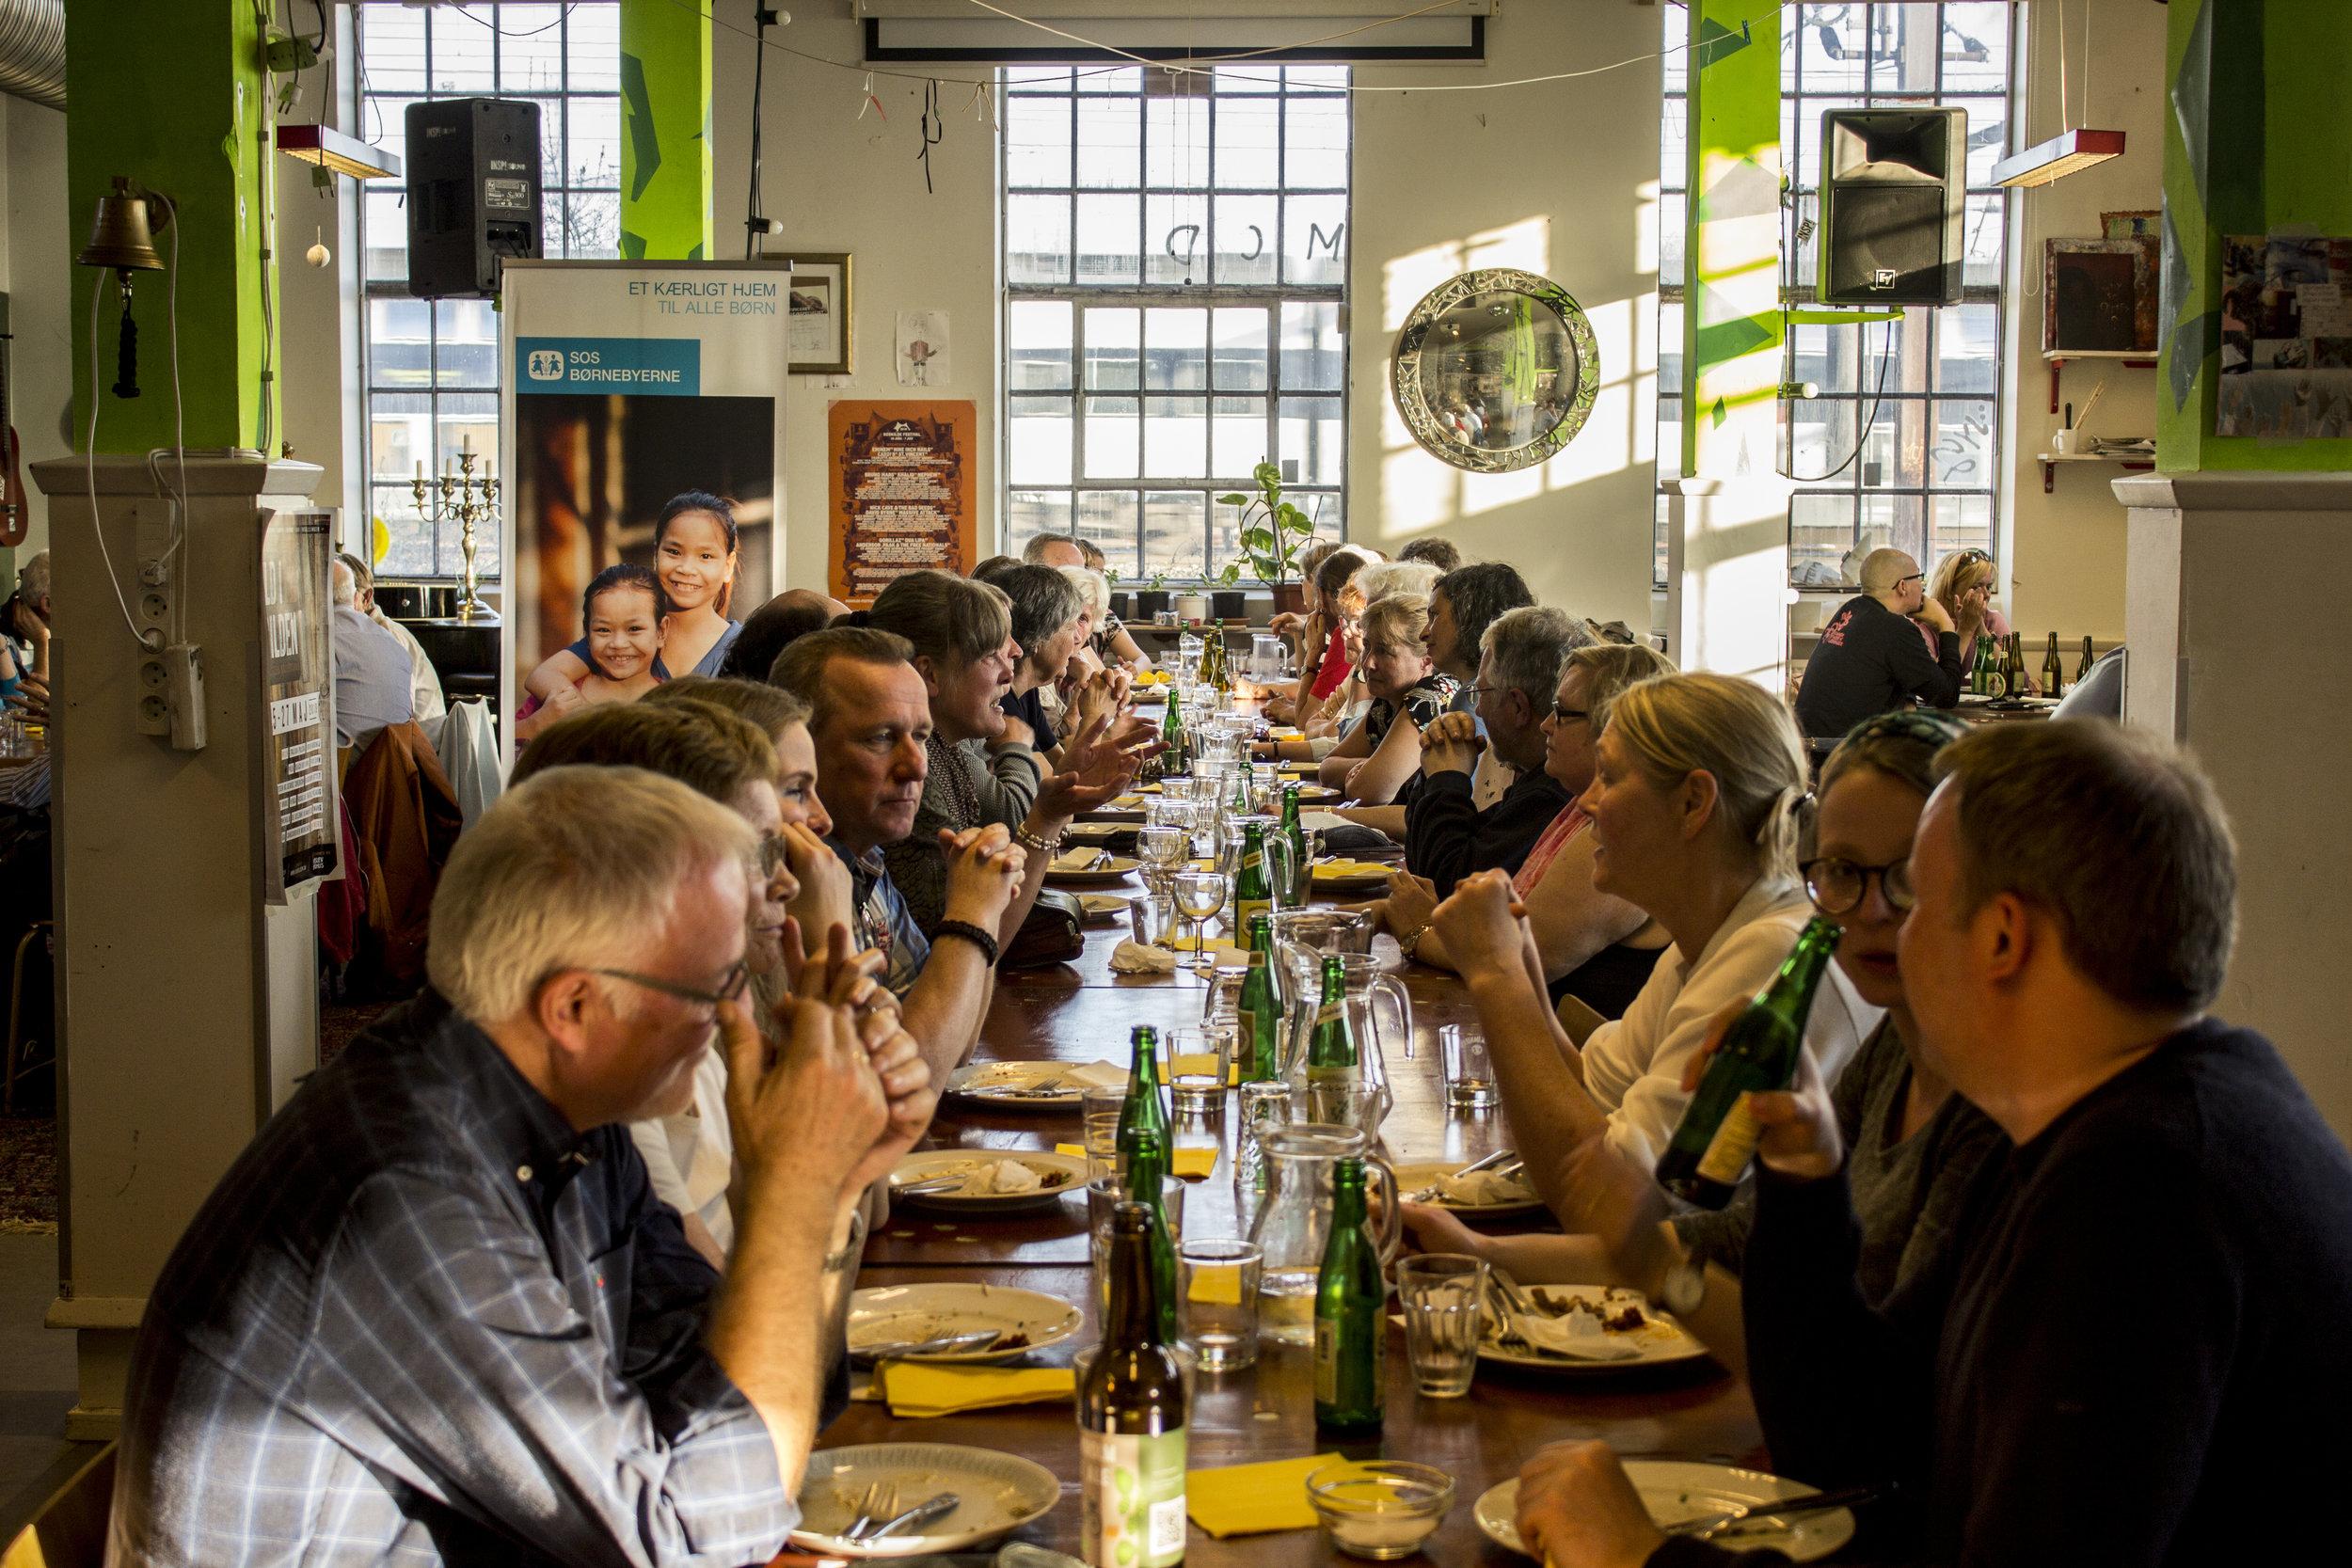 MAD - INSP har både et stort industrikøkken og et mindre anretterkøkken som bruges til alt fra folkekøkkener, skraldecaféer og madklubber til mad-eksperimenter, catering og workshops i surdejsbagning.